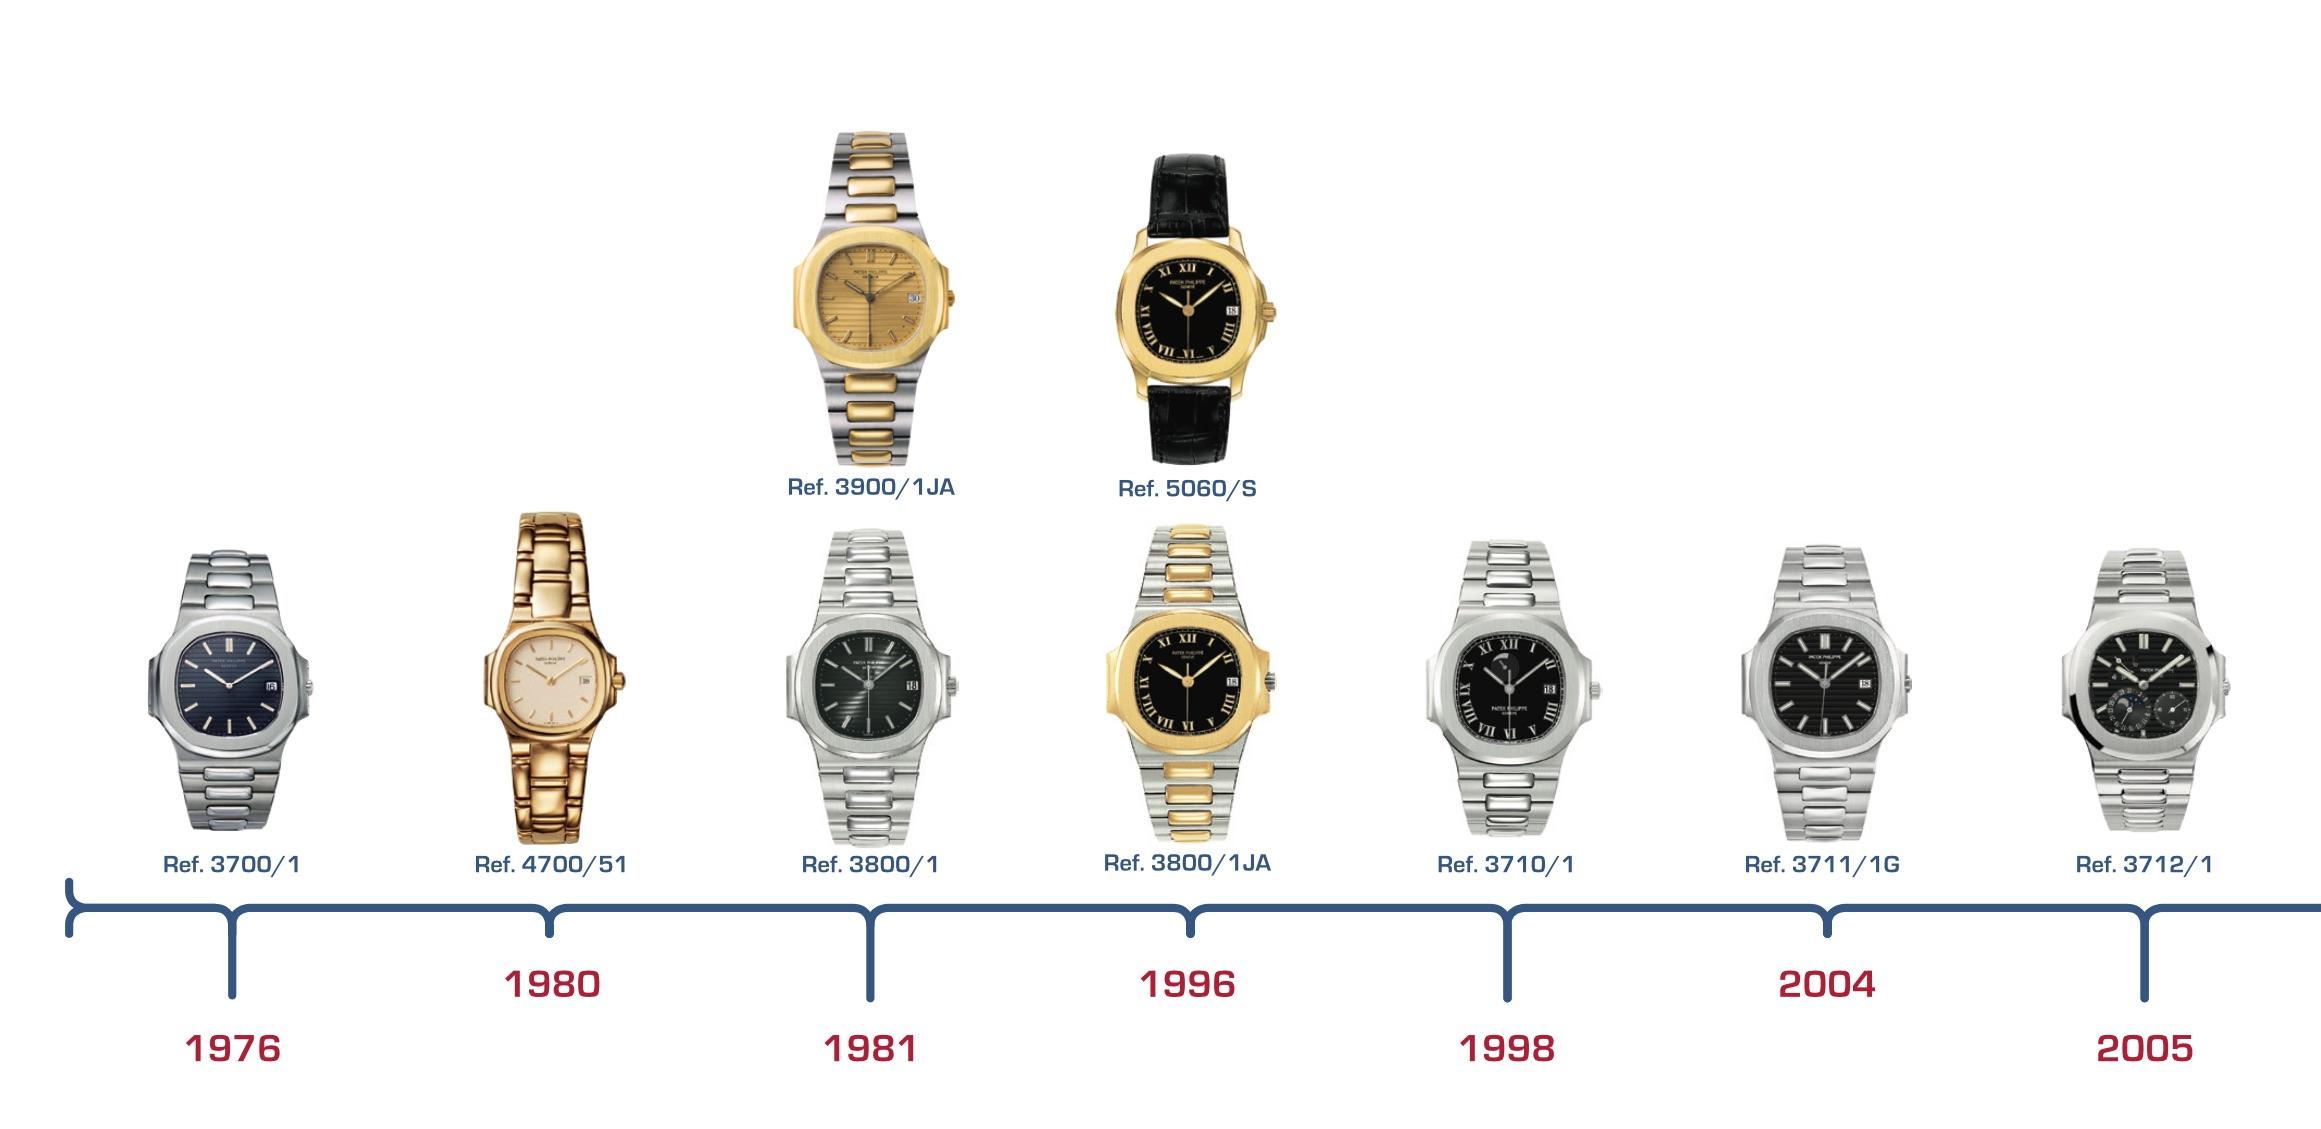 Patek philippe nautilus history timeline (1976-2006)